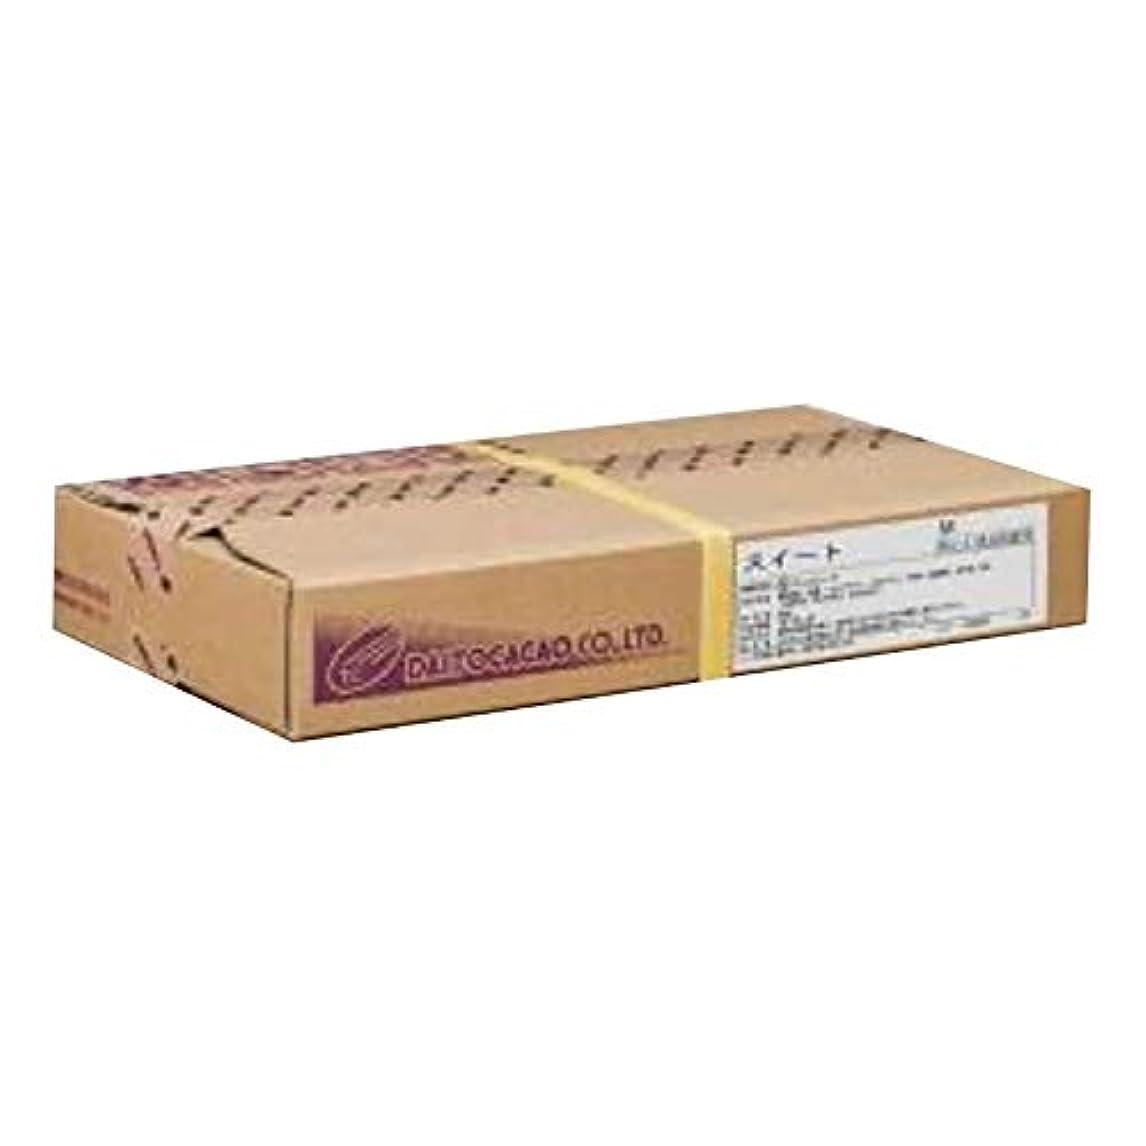 セッティングパラナ川の間で【 製菓用 】 大東カカオ コーティングチョコレート スイート 5kg 製菓用チョコレート コーティングチョコ チョコレート チョコ